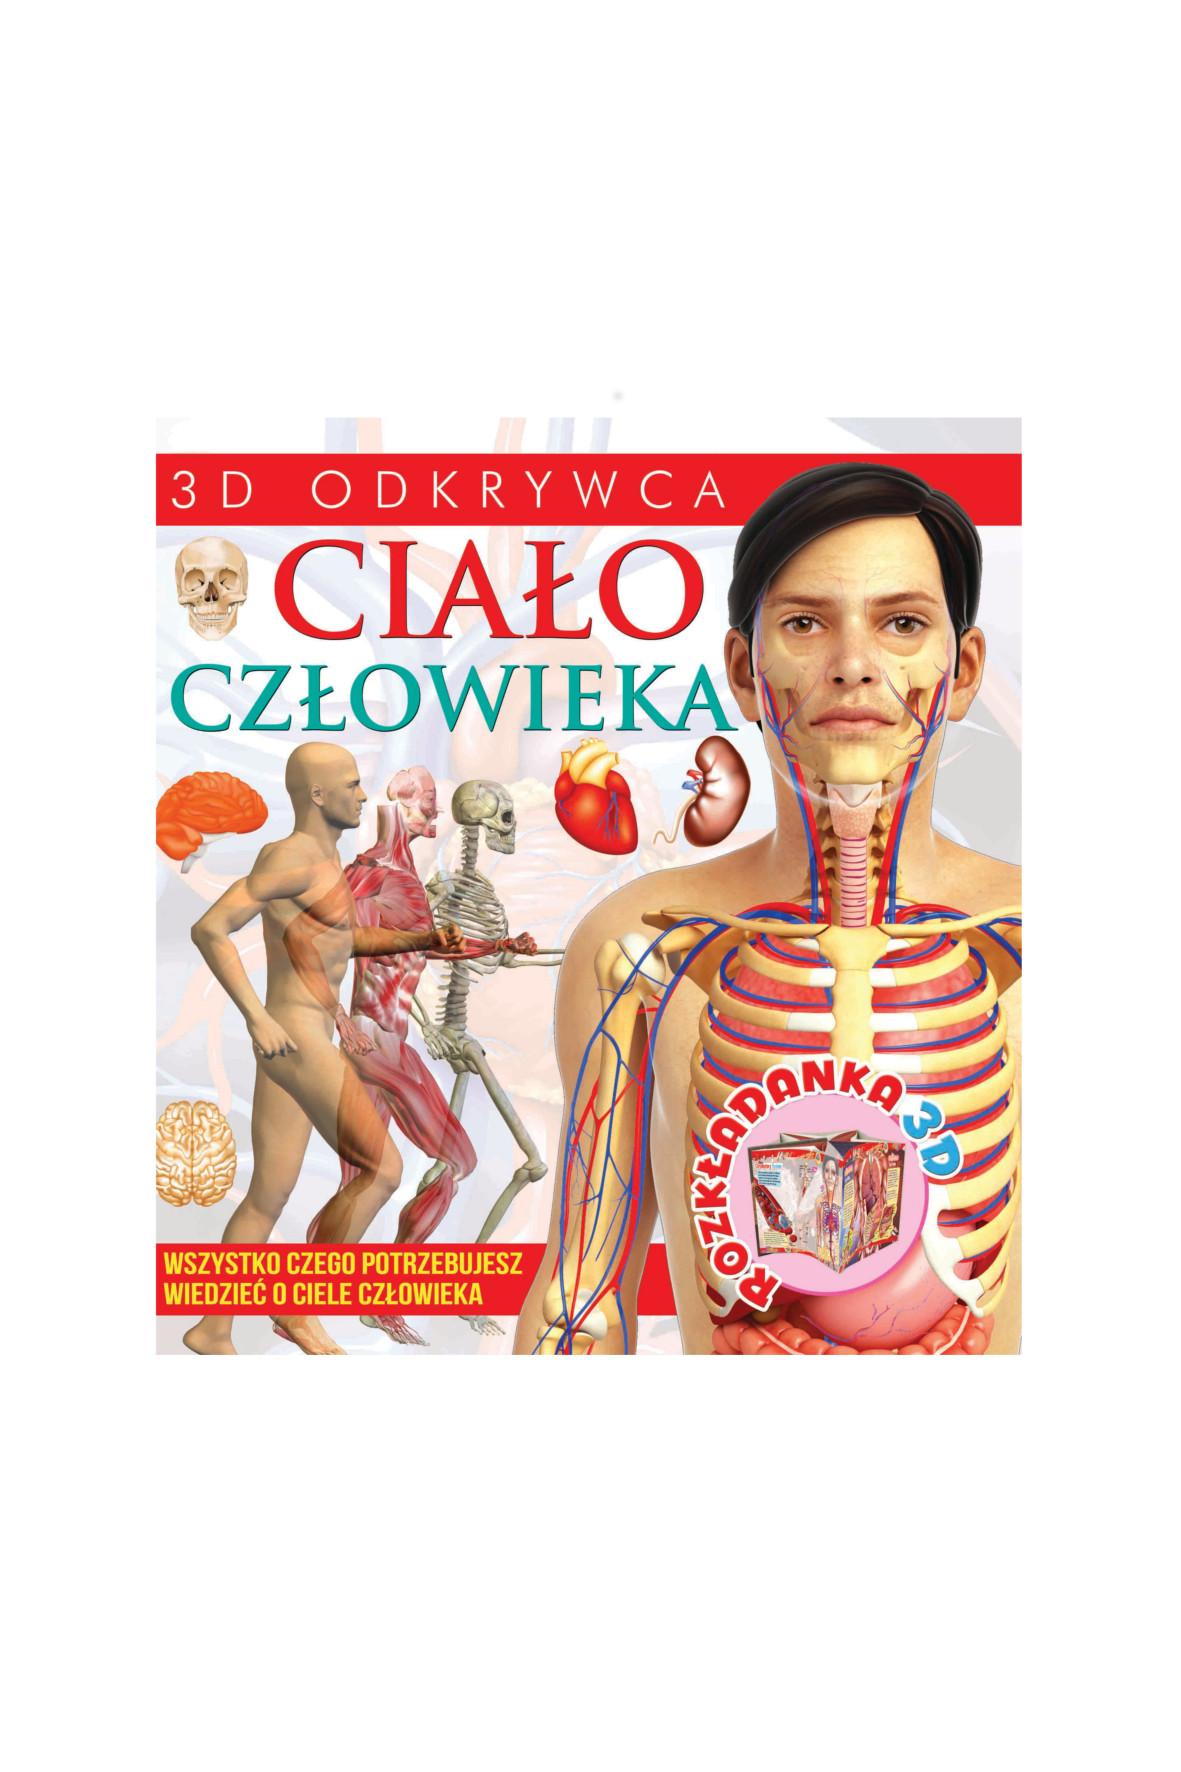 3D Ciało Człowieka 1Y36C1